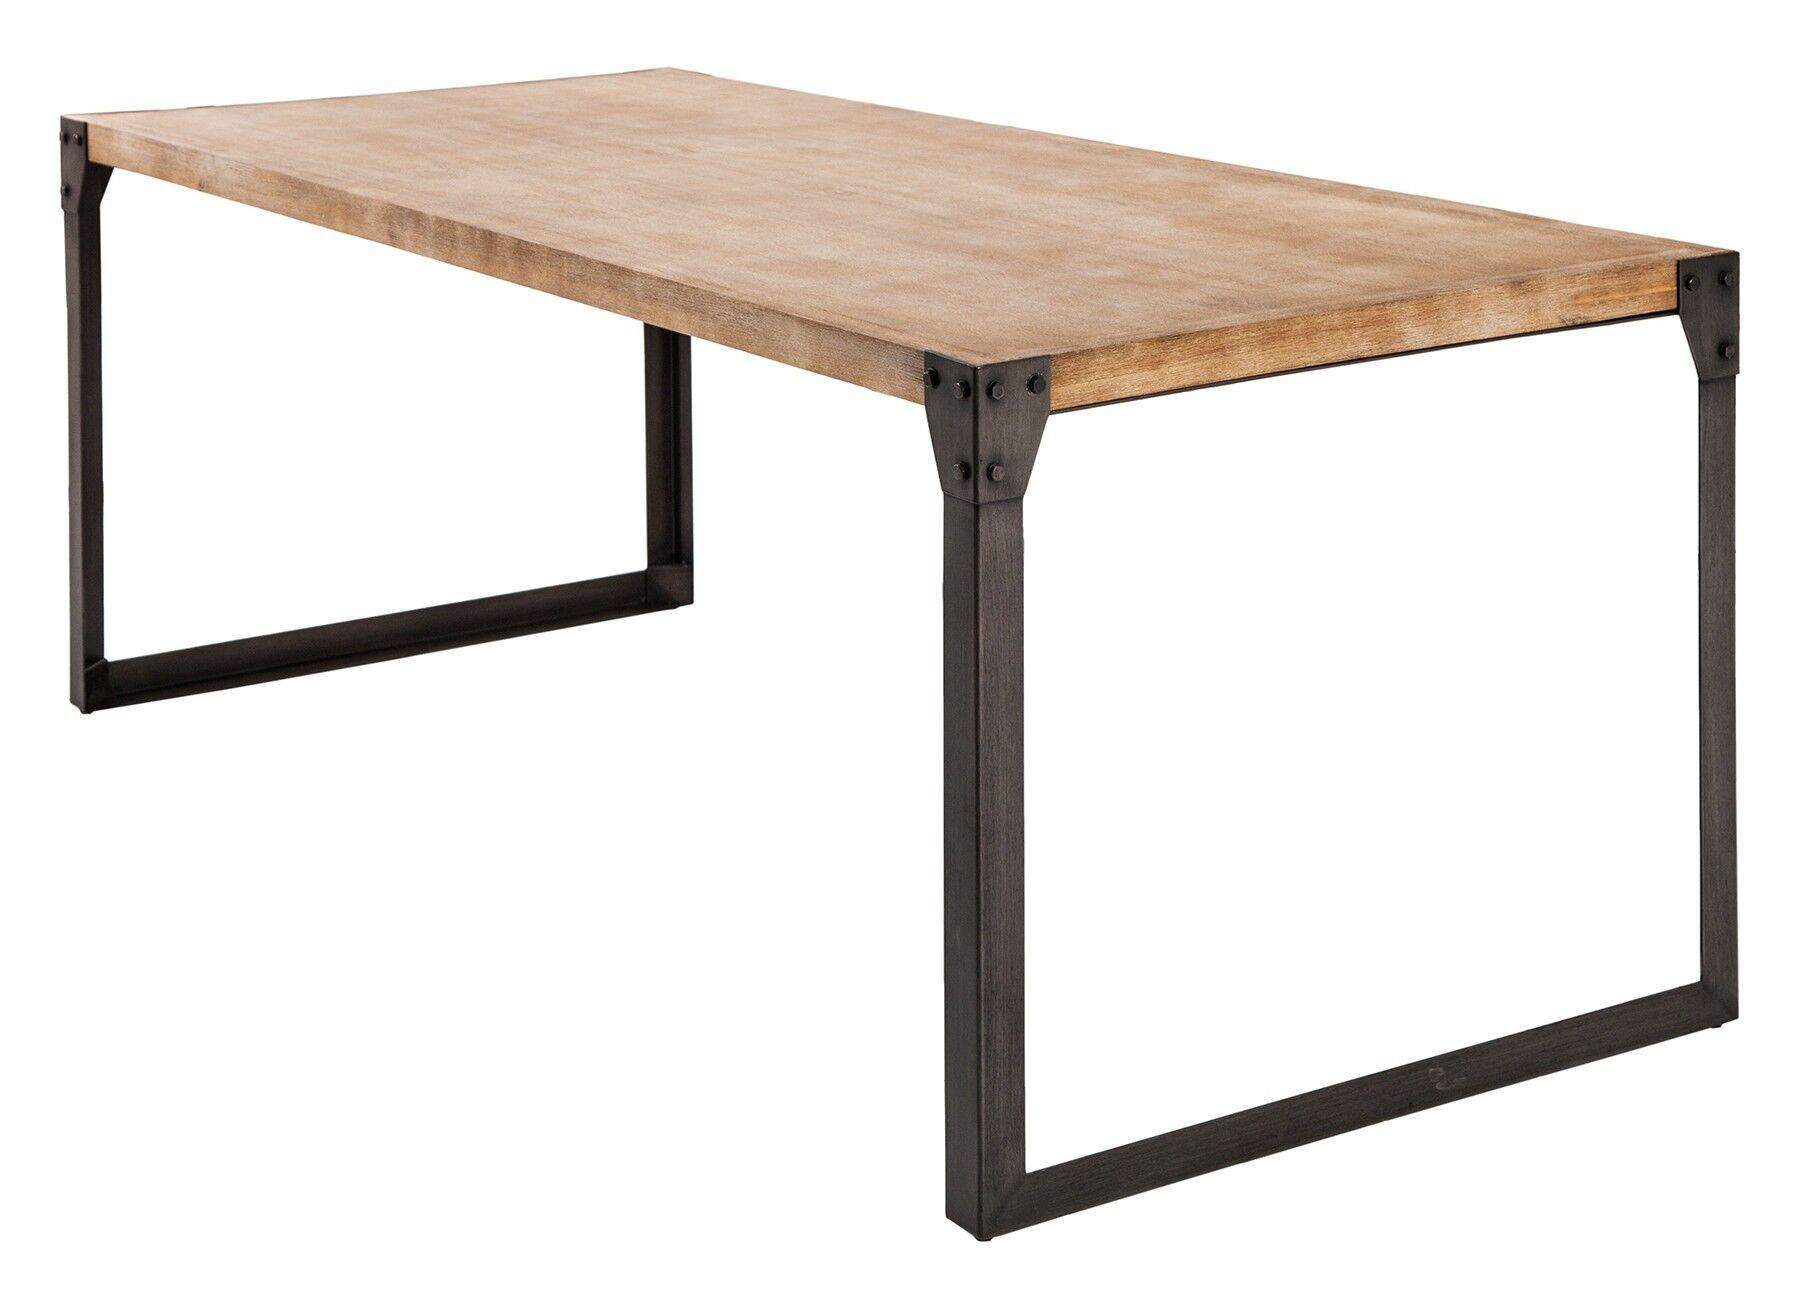 gdegdesign Table à manger industriel bois et métal 160 cm - Jorg